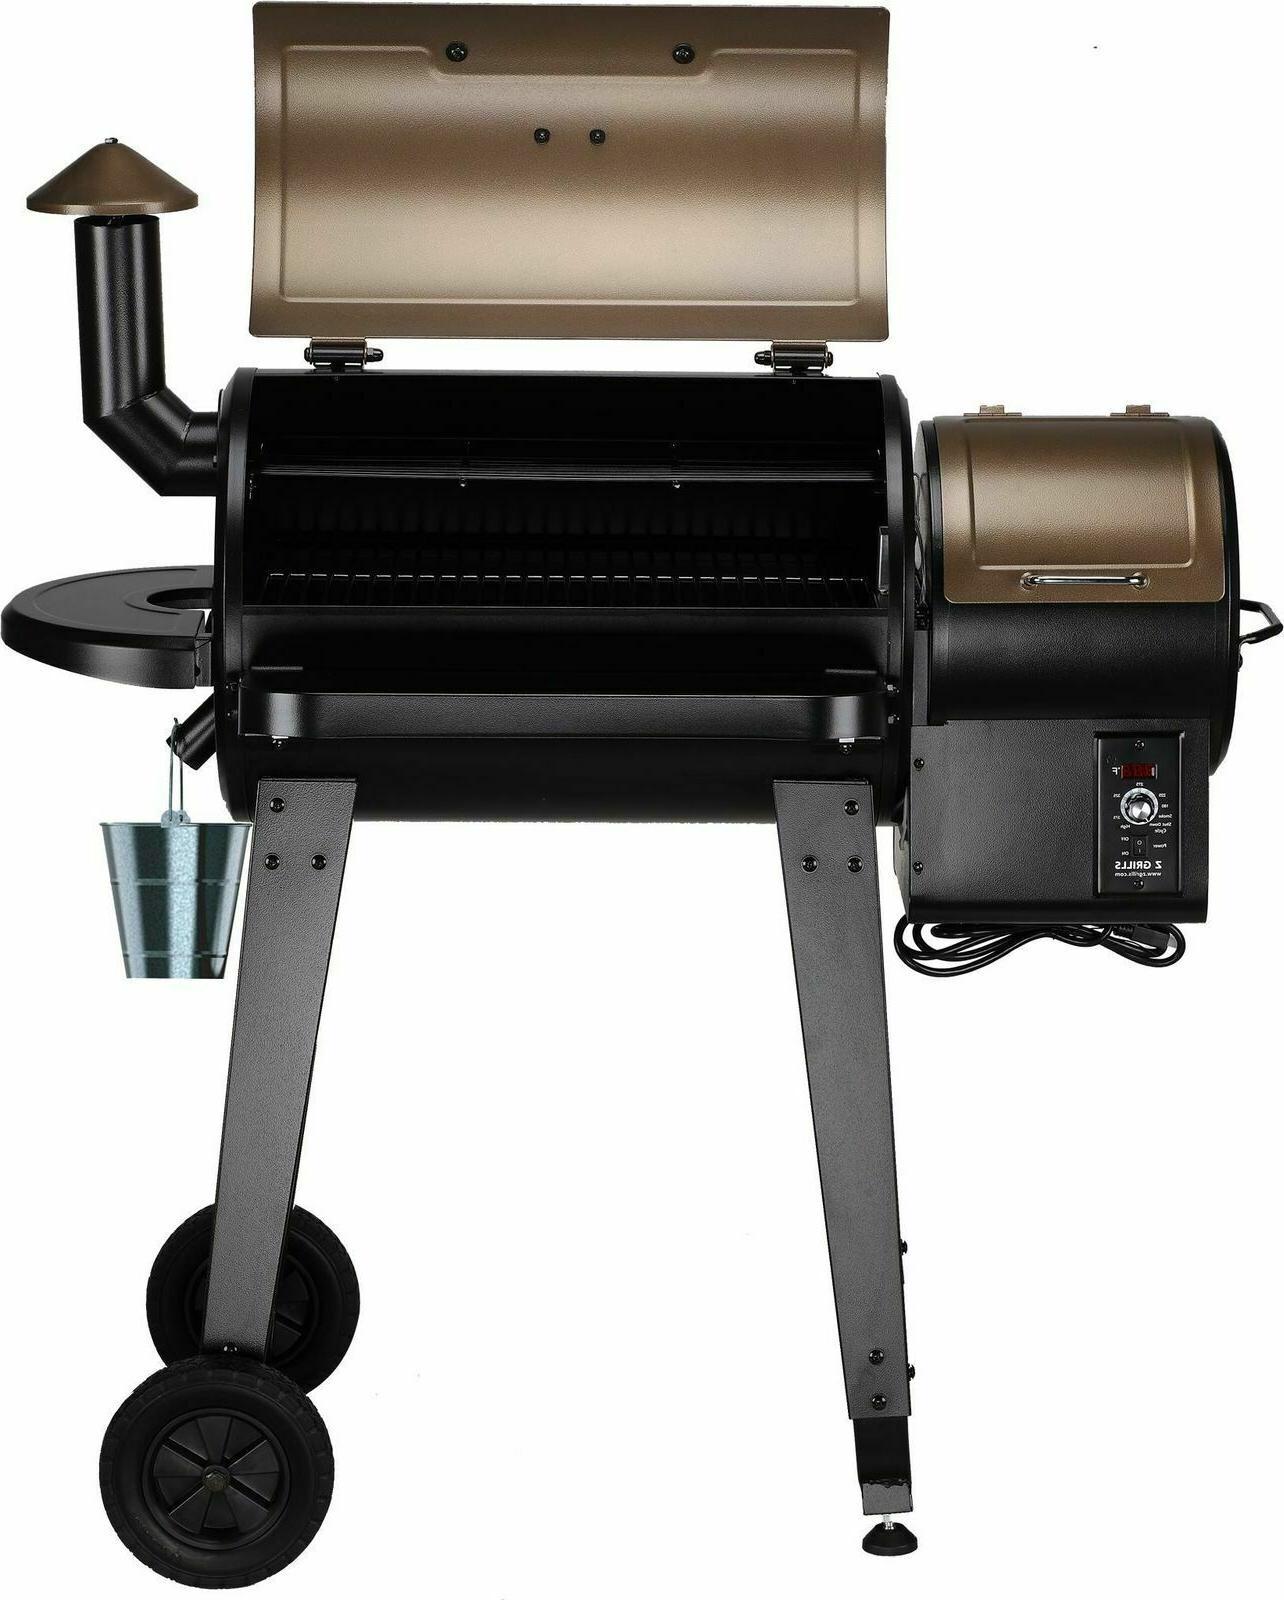 Z GRILLS Wood Pellet Grill Control